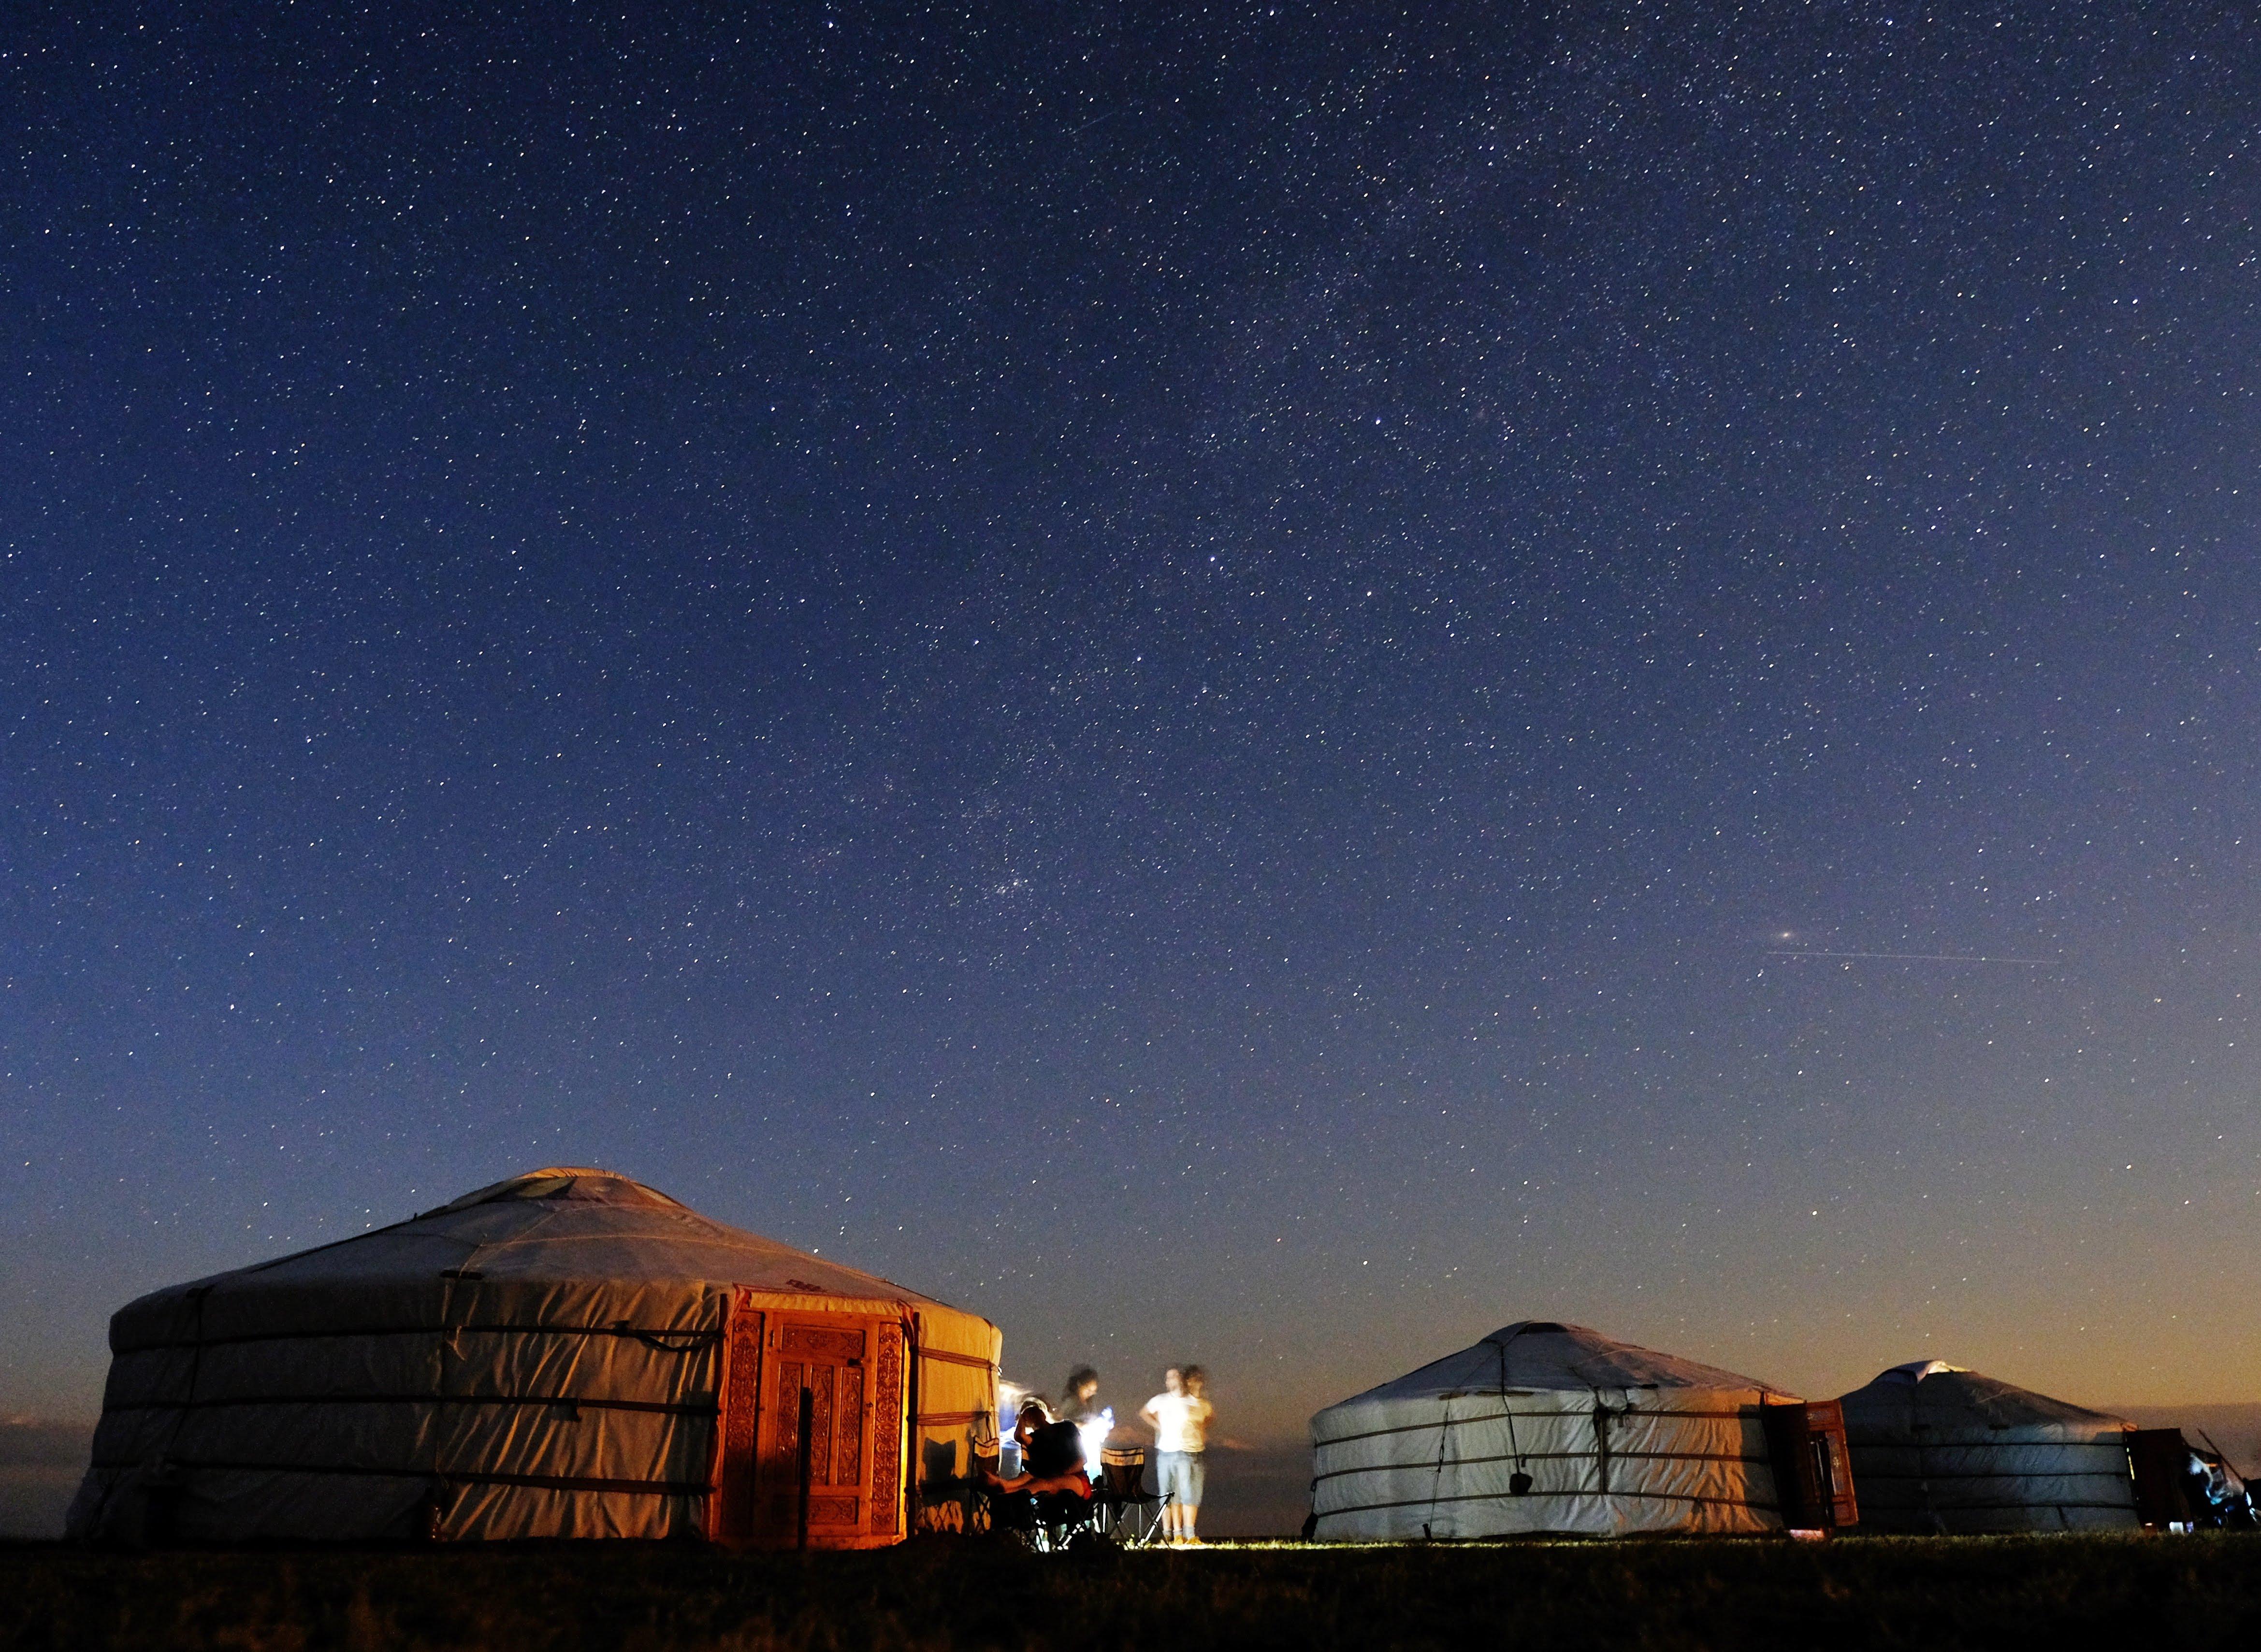 In de woestijn konden we de prachtige sterrenhemel met melkweg bewonderen!